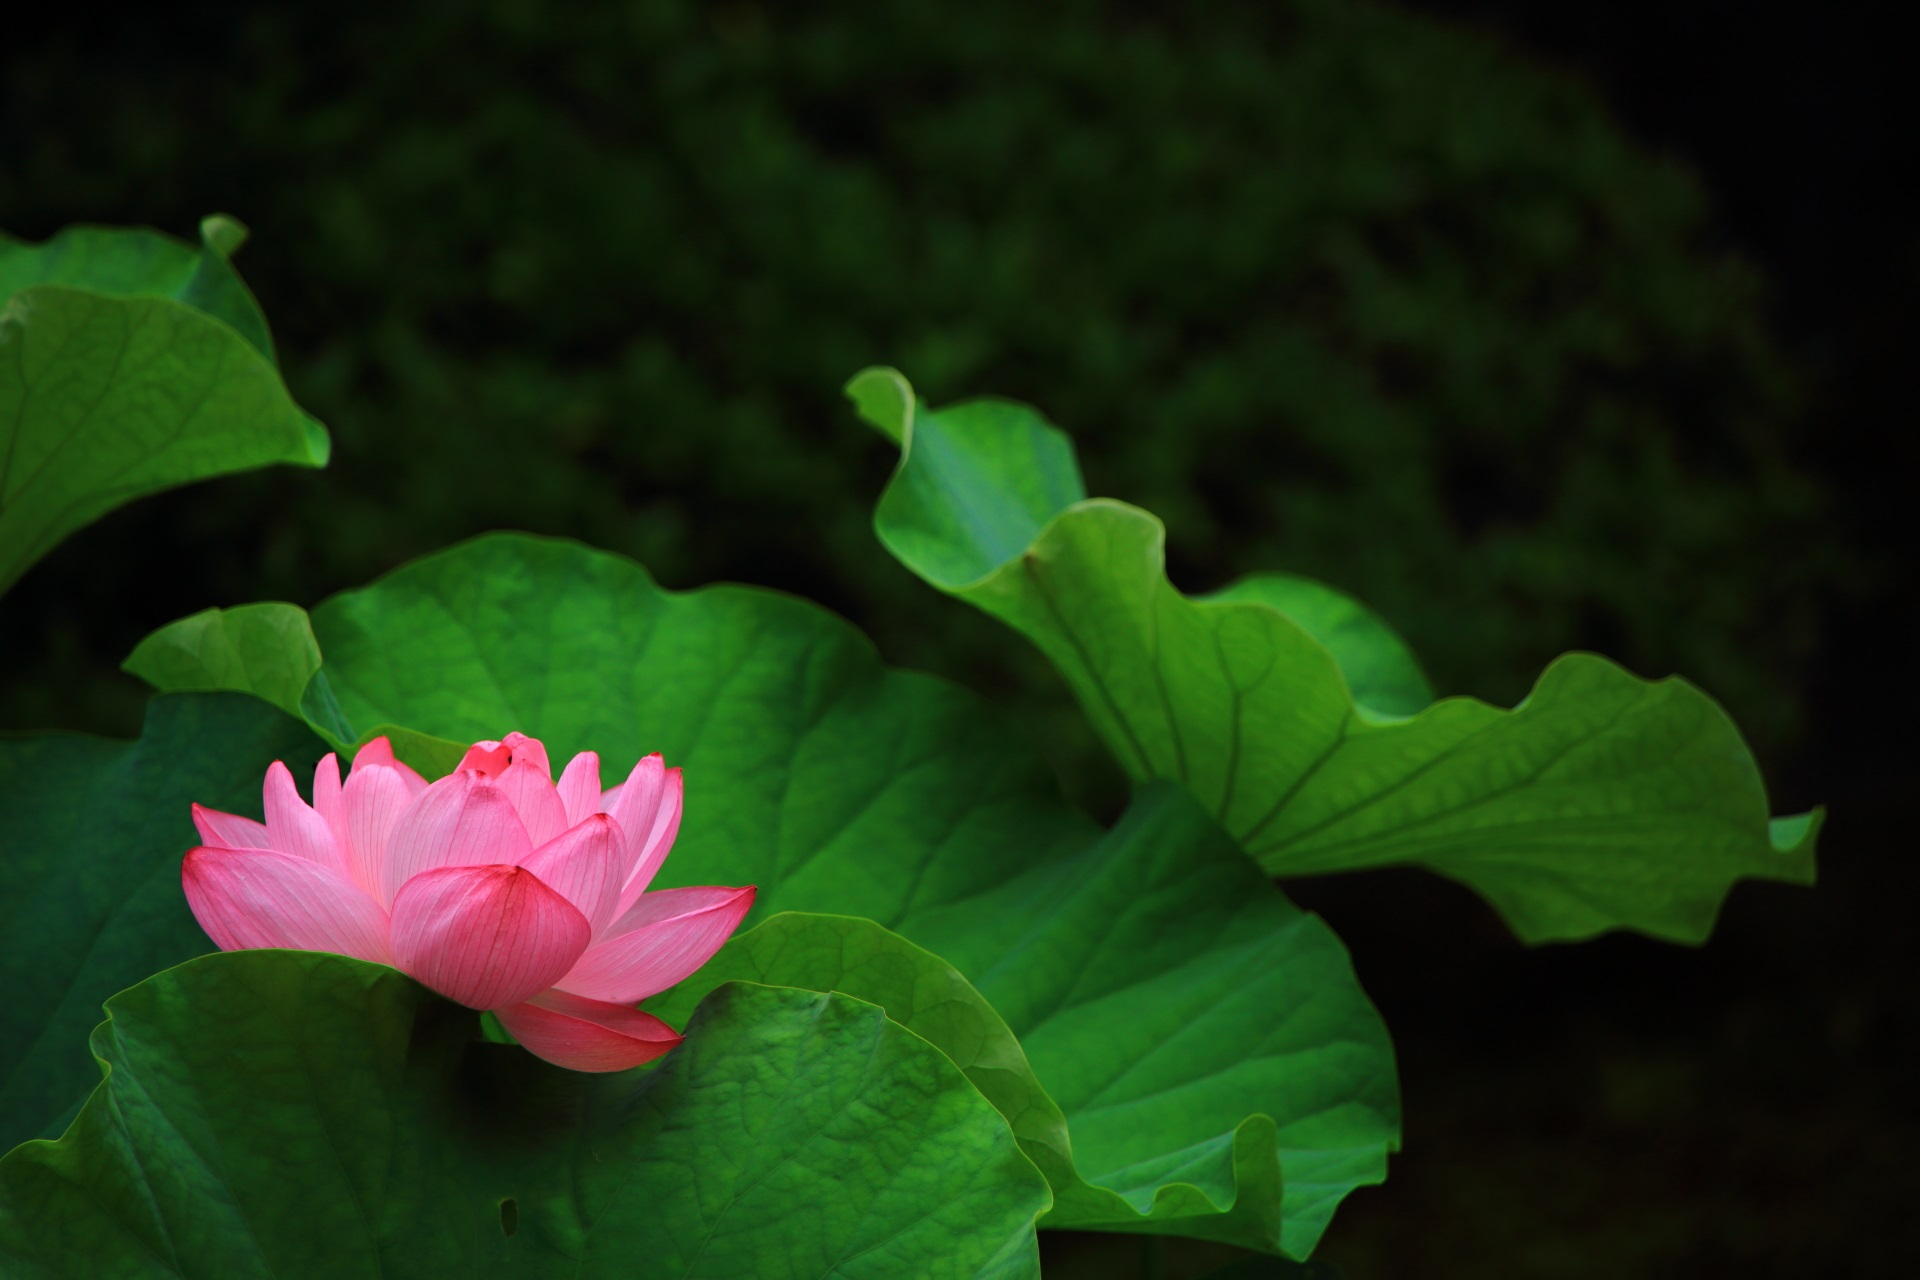 巴の庭の深い緑に映える蓮の葉の鮮やかな緑と華やかなピンクの花